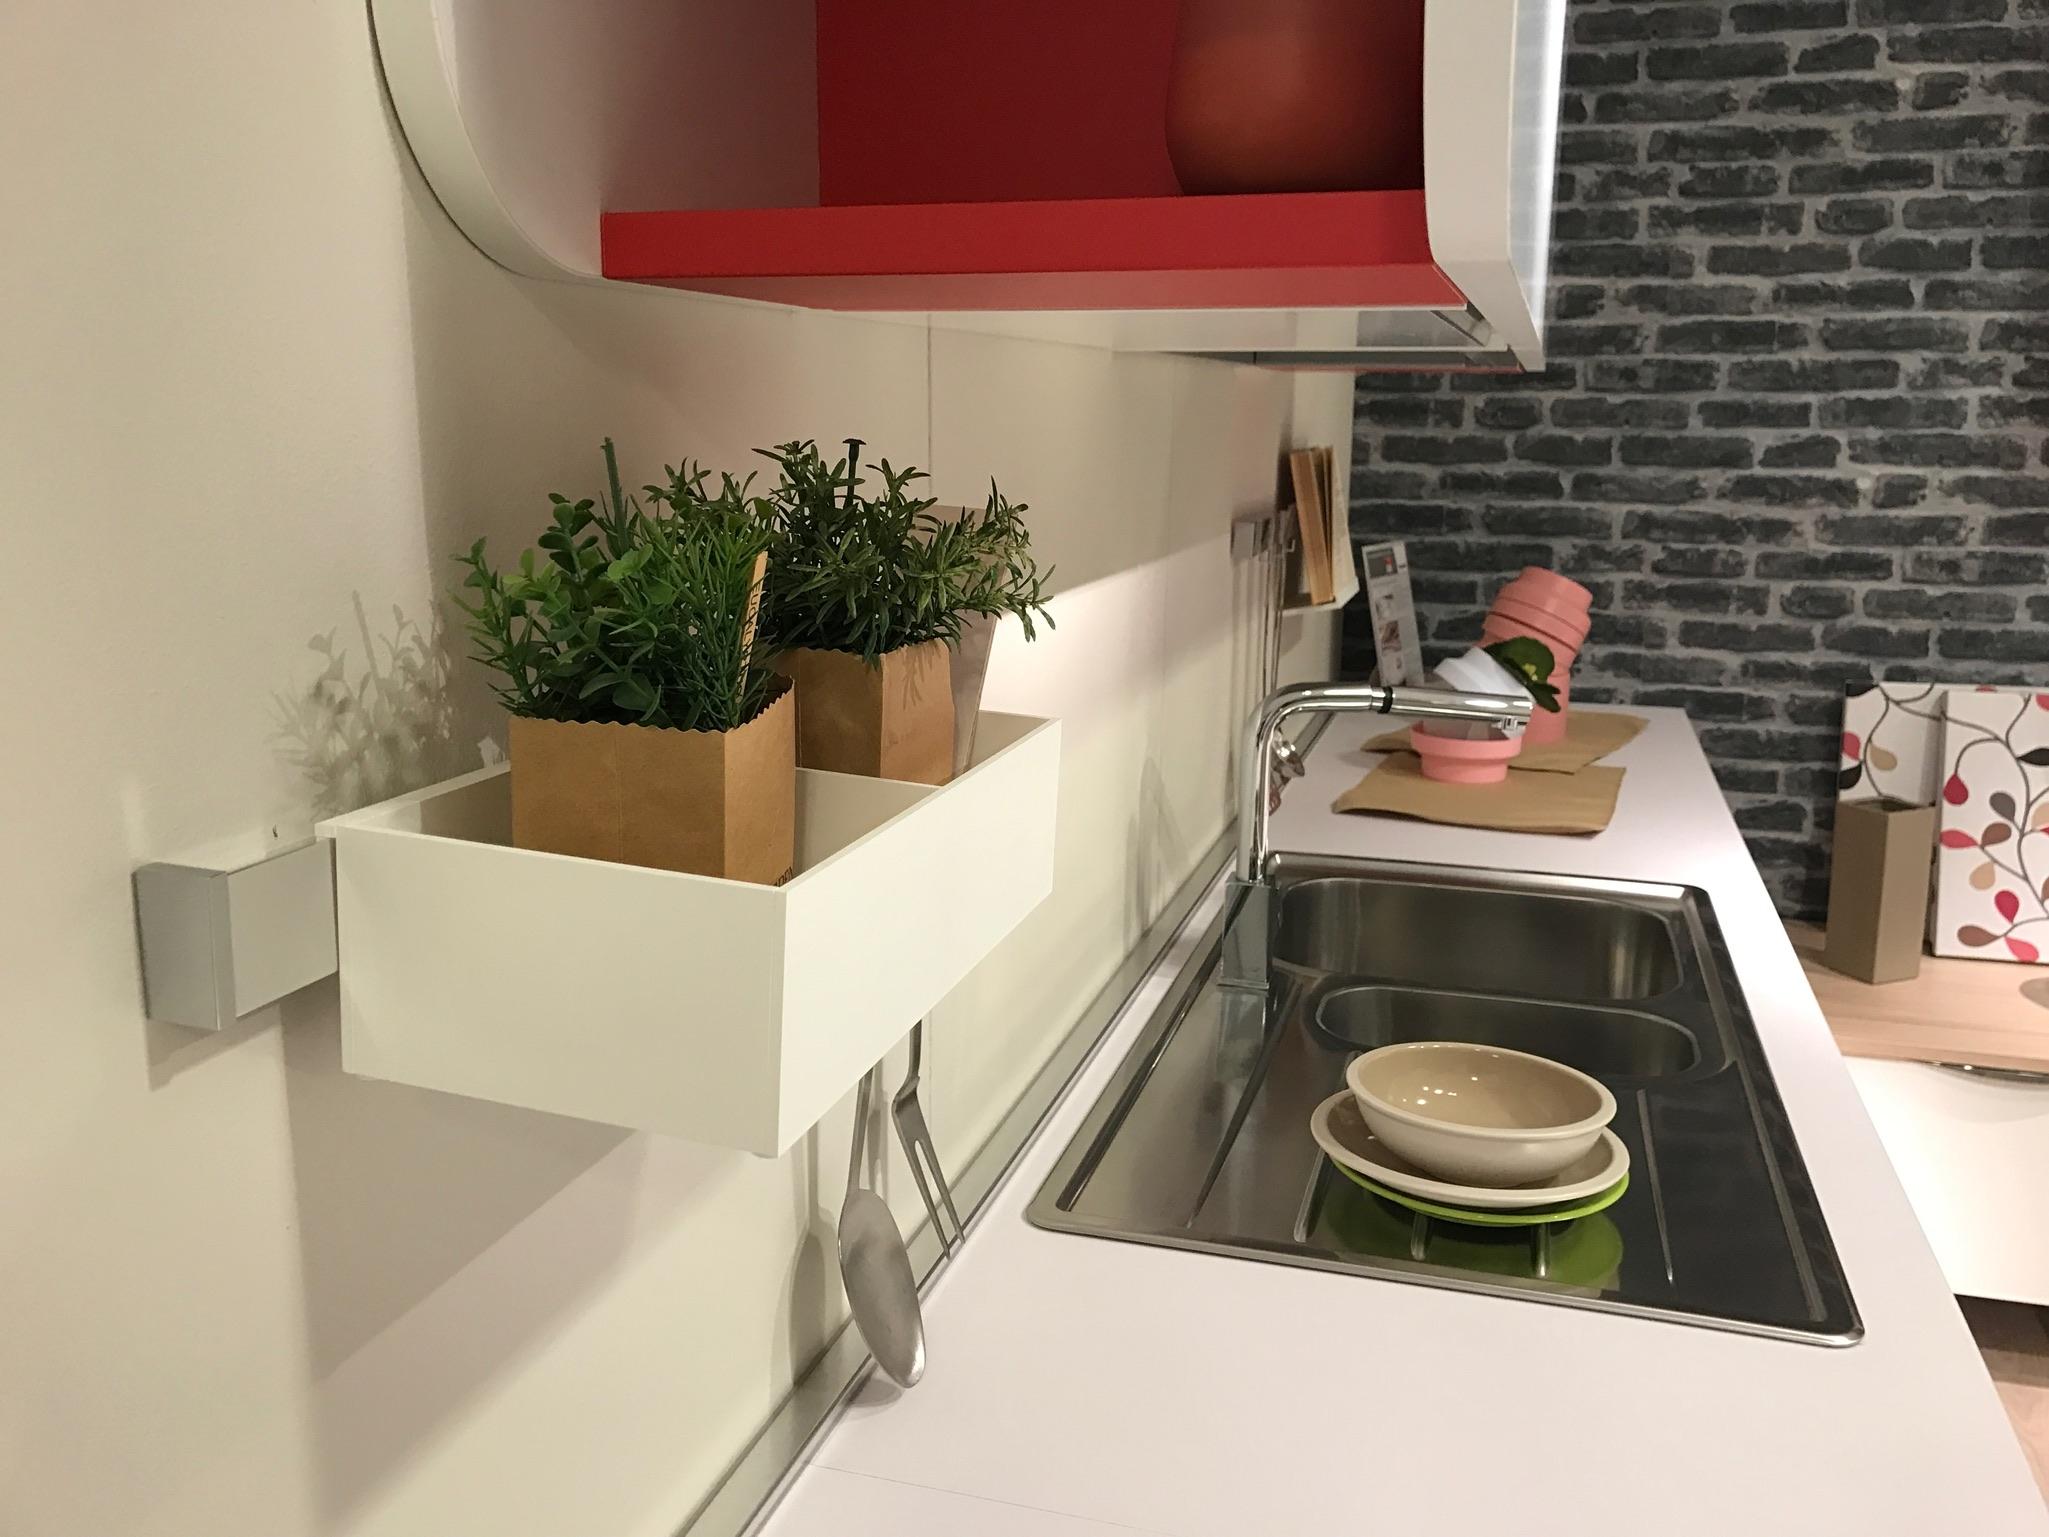 Cucina immagina lube con penisola prezzo offerta cucine - Cucine lube prezzo ...